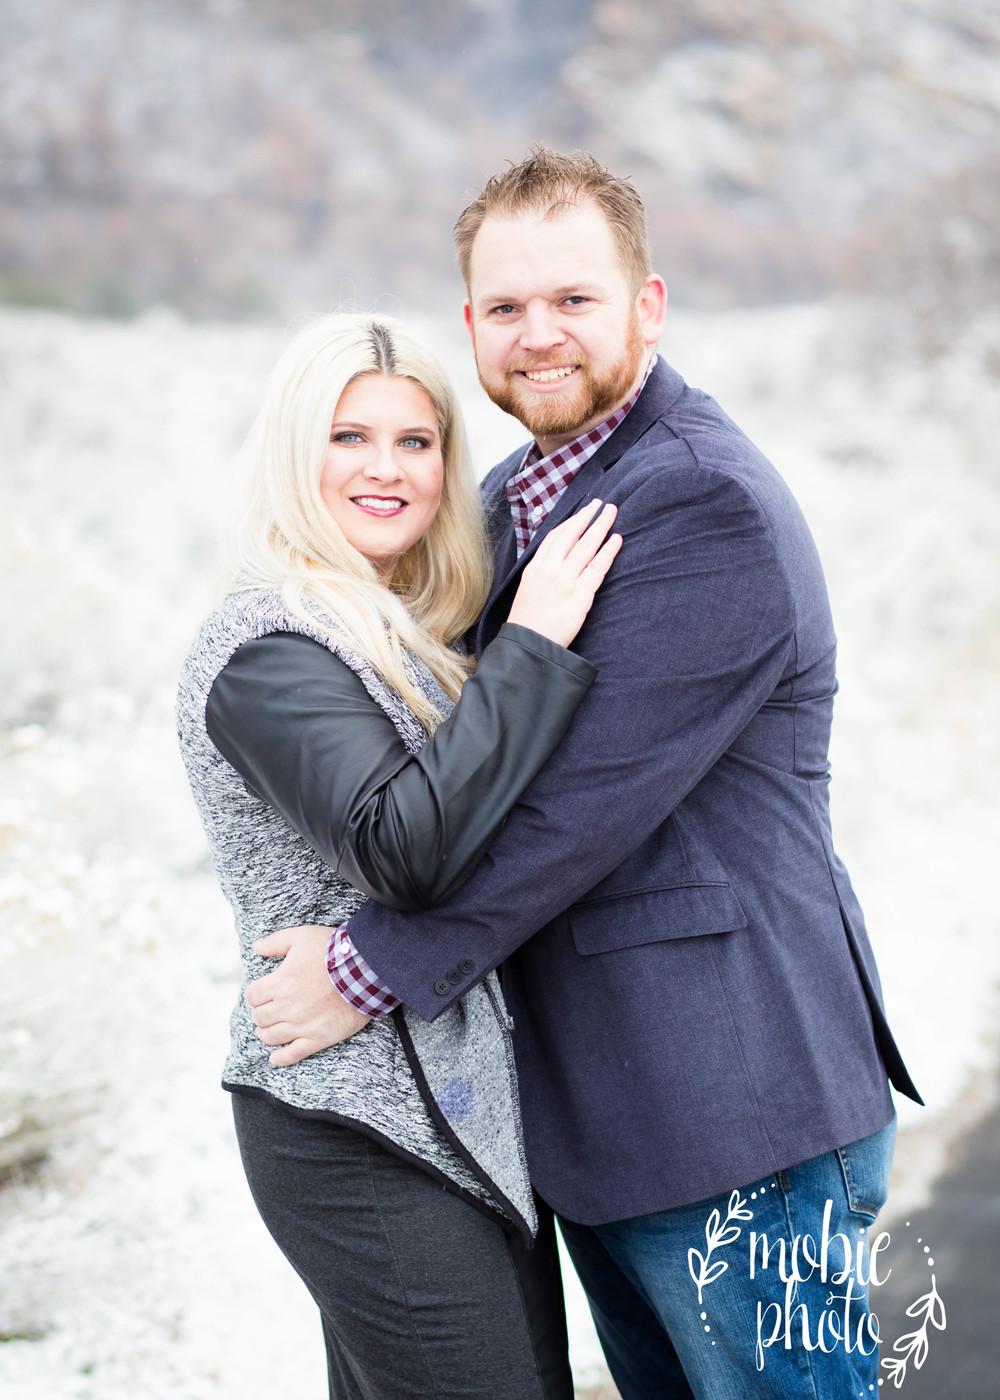 Mobie Photo - Extended Family Shoot in Sandy, Utah